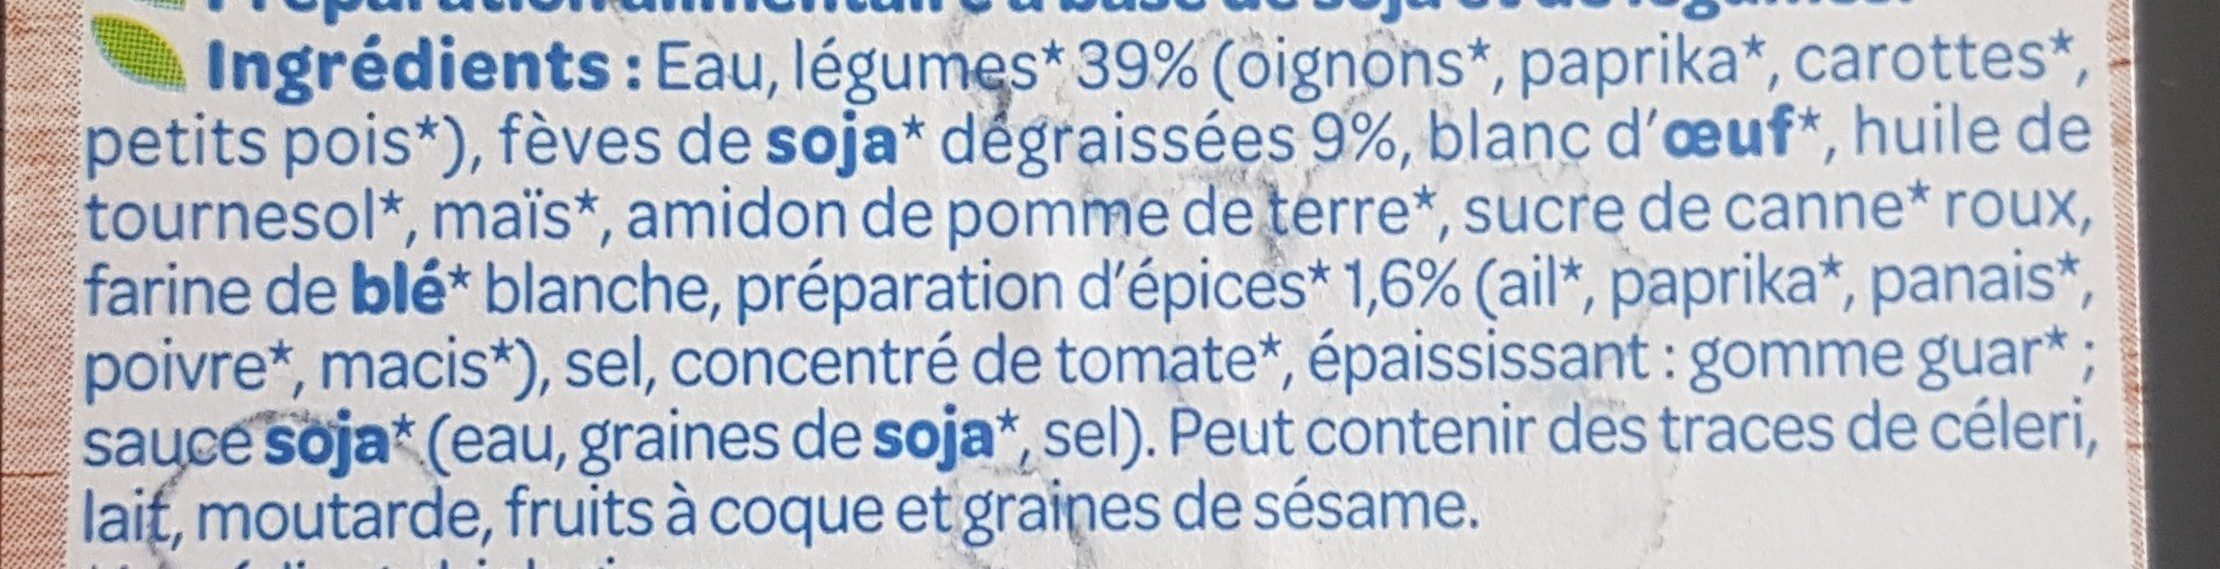 Galettes aux legumes - Ingrédients - fr